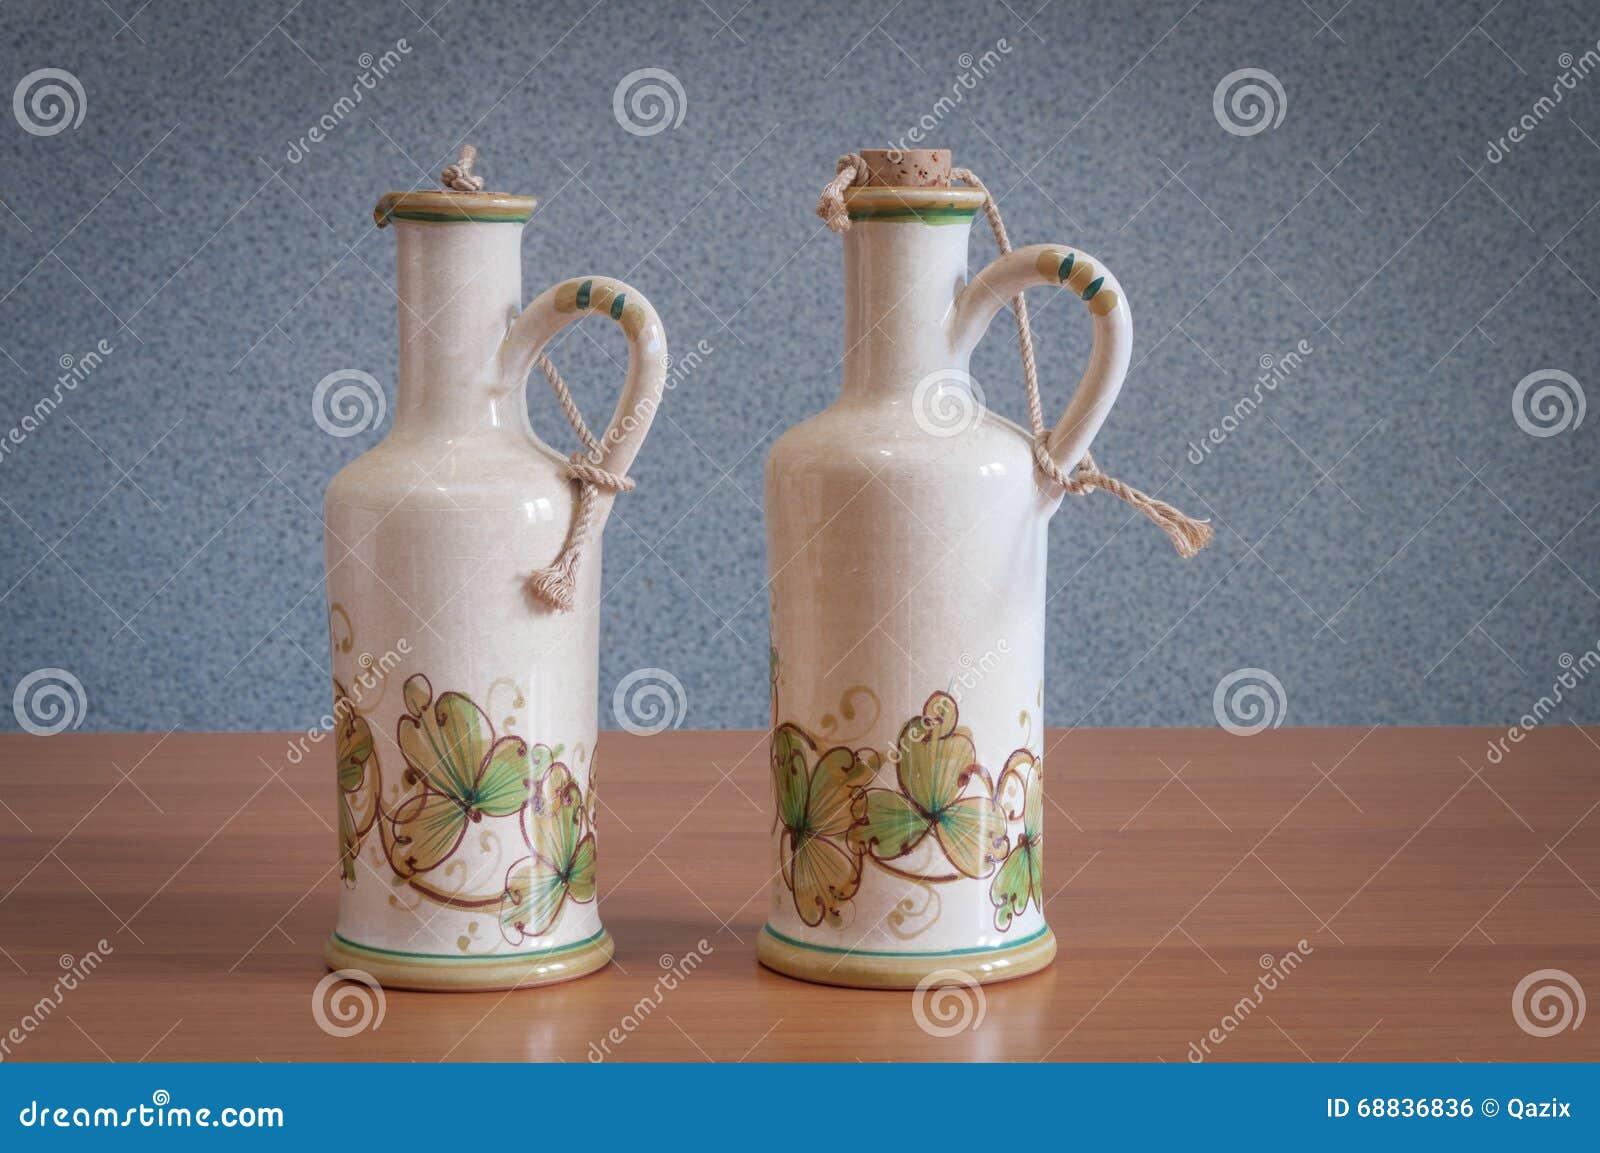 Bouteilles peintes la main sur la table photo stock image du main string 68836836 - La bouteille sur la table ...